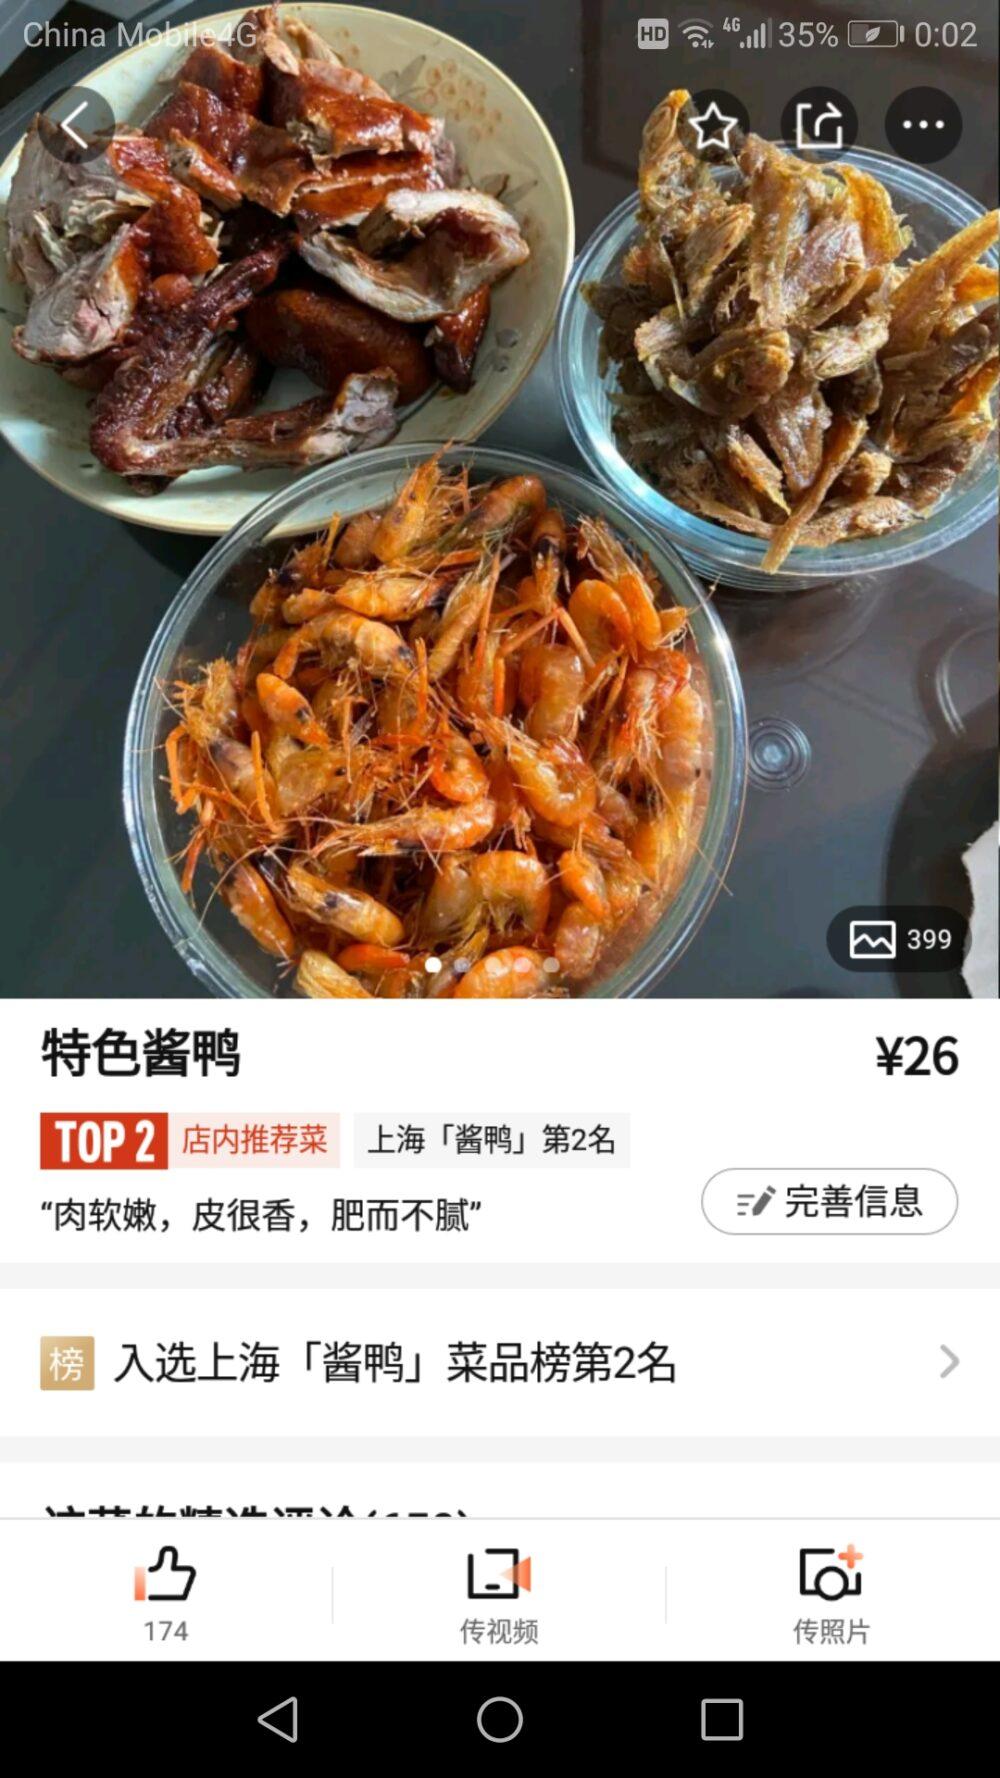 光明邨大酒家で人気NO2メニューの「特色酱鸭」をスクショした写真